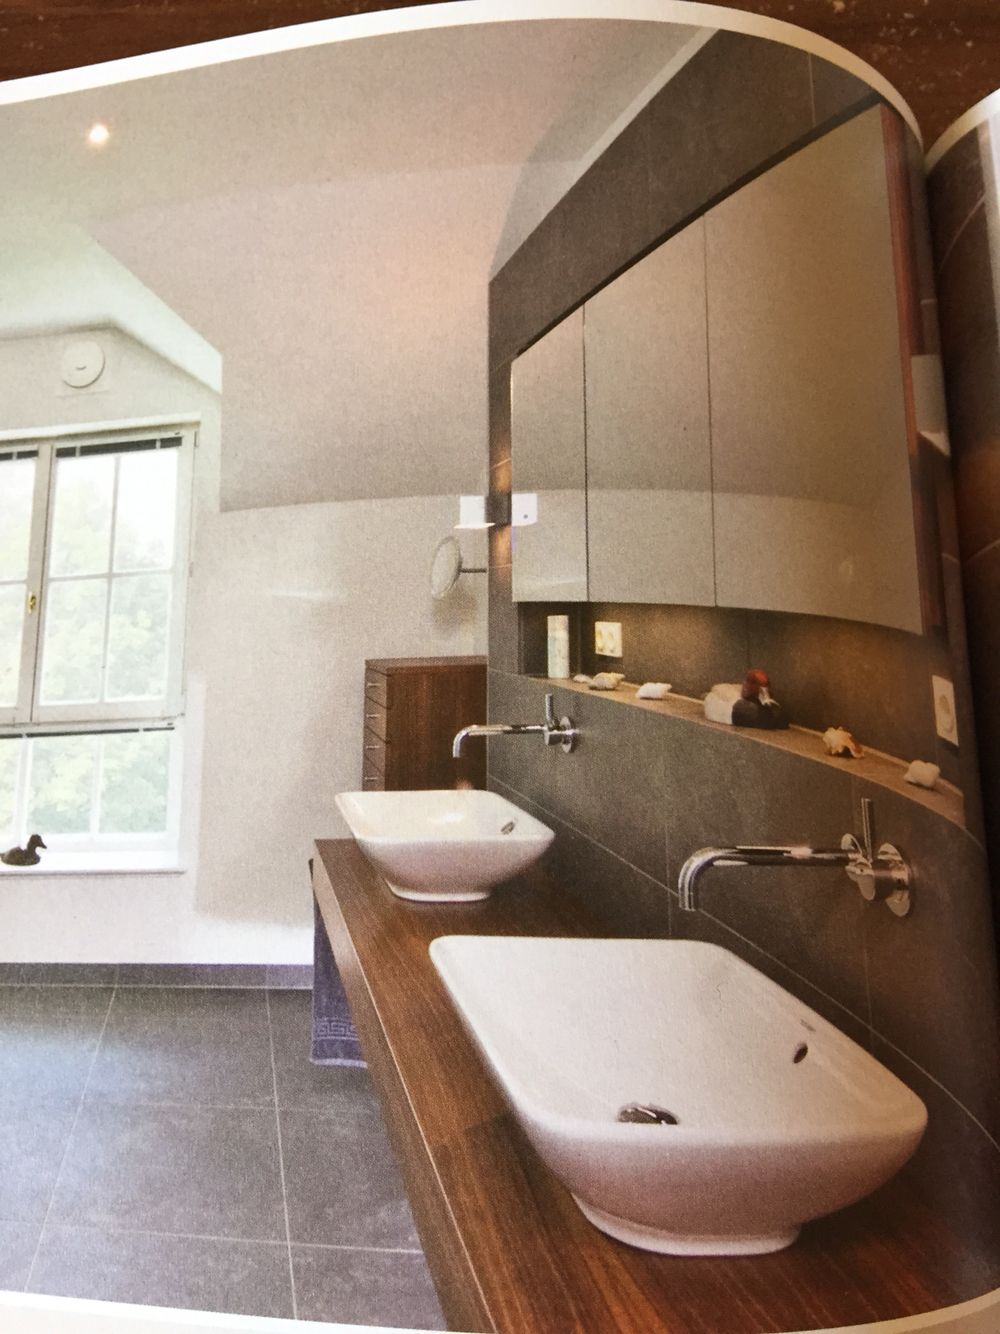 Schöne Ablage im Bad inkl. Spiegelschrank Unser Haus - Masterbad Badezimmer, Bad und